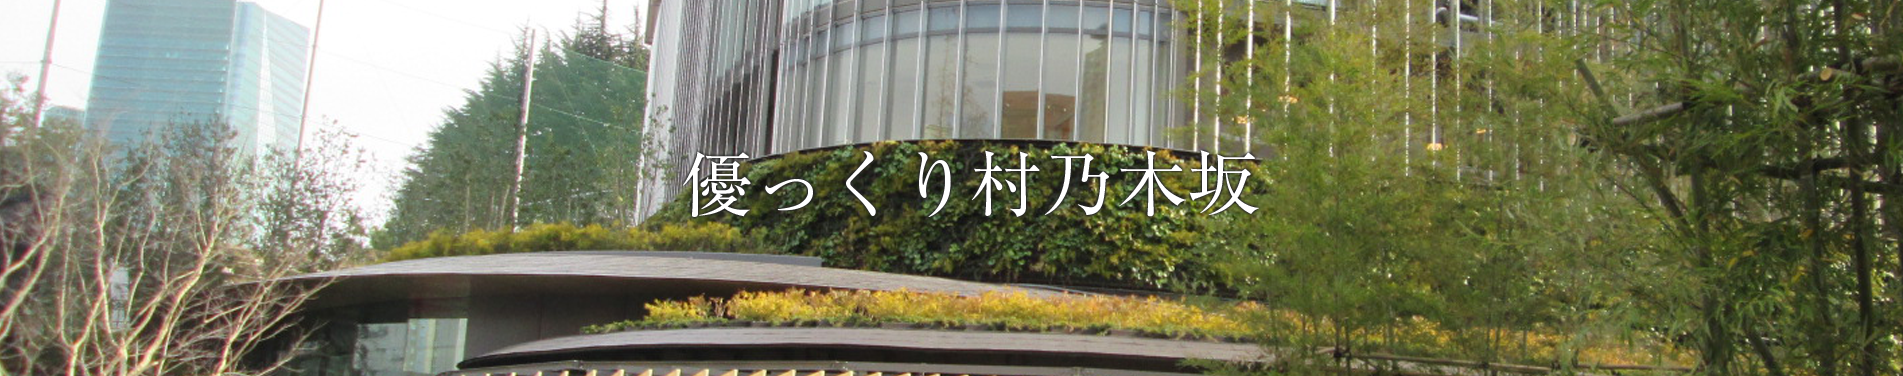 優っくり村乃木坂(開設準備室)